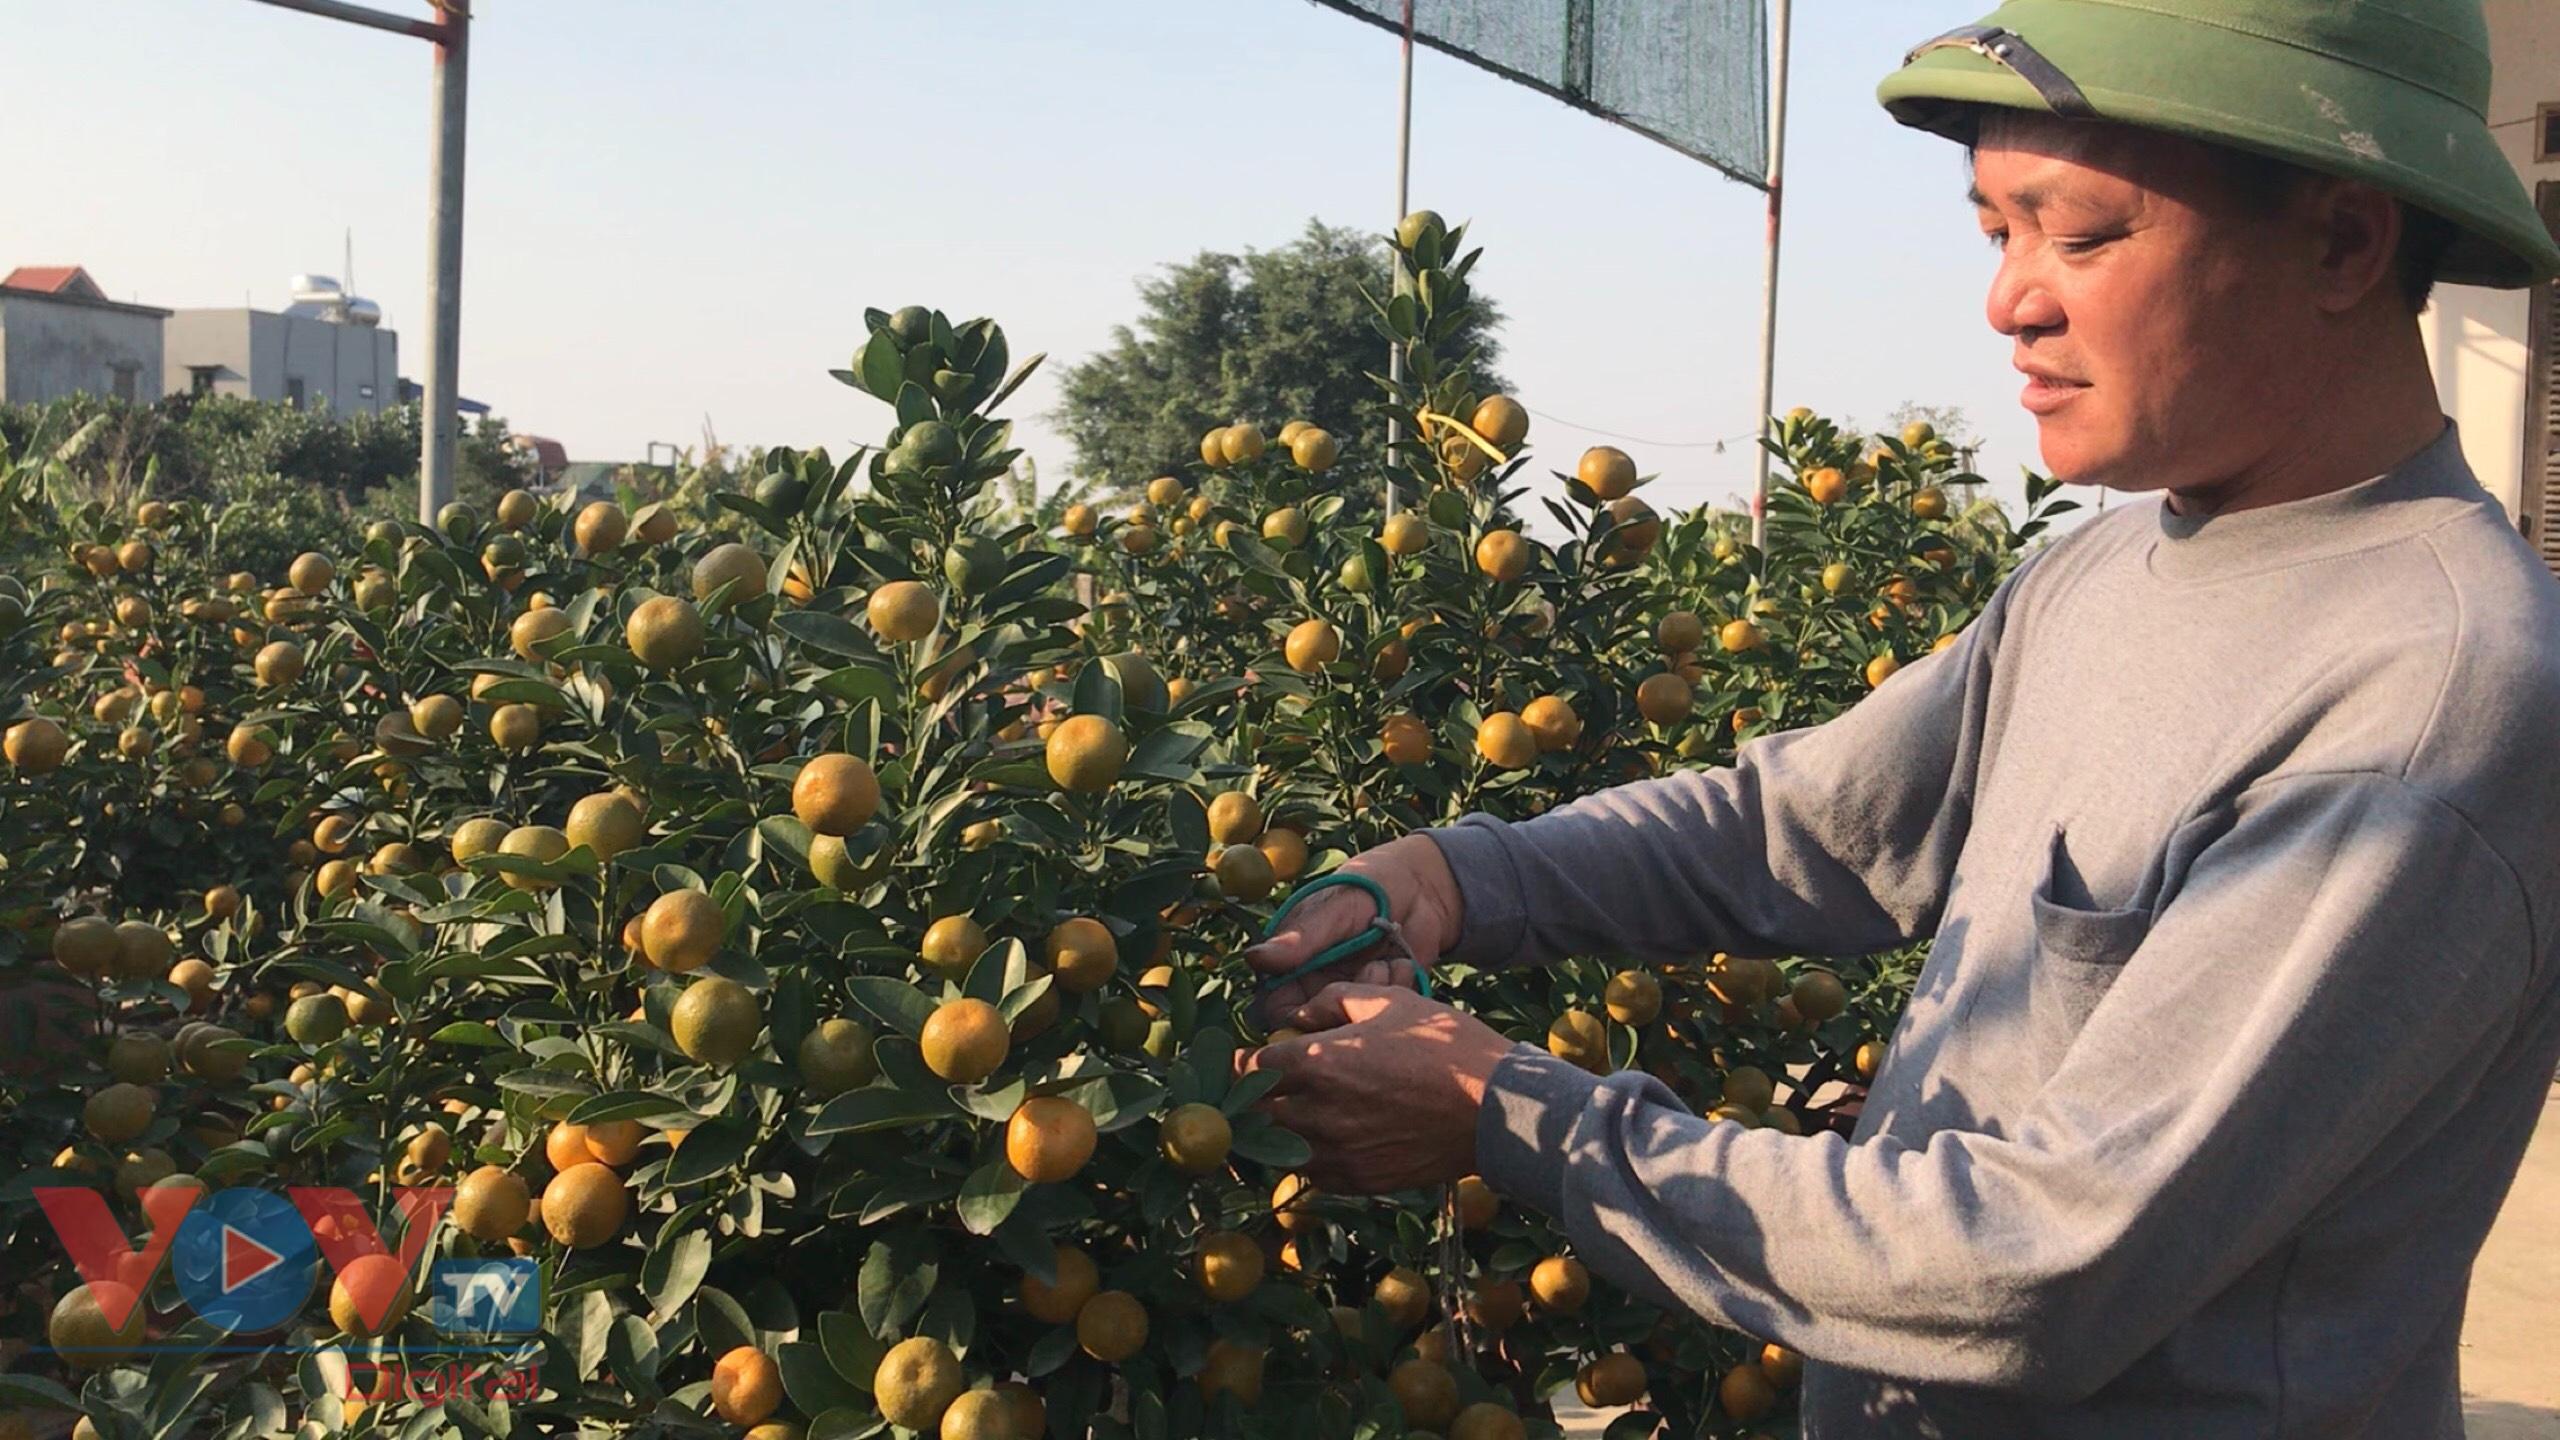 Ông Đỗ Văn Dần, chủ vườn quất tỉnh Nam Định đang tỉa cành cho cây quất cảnh.jpg